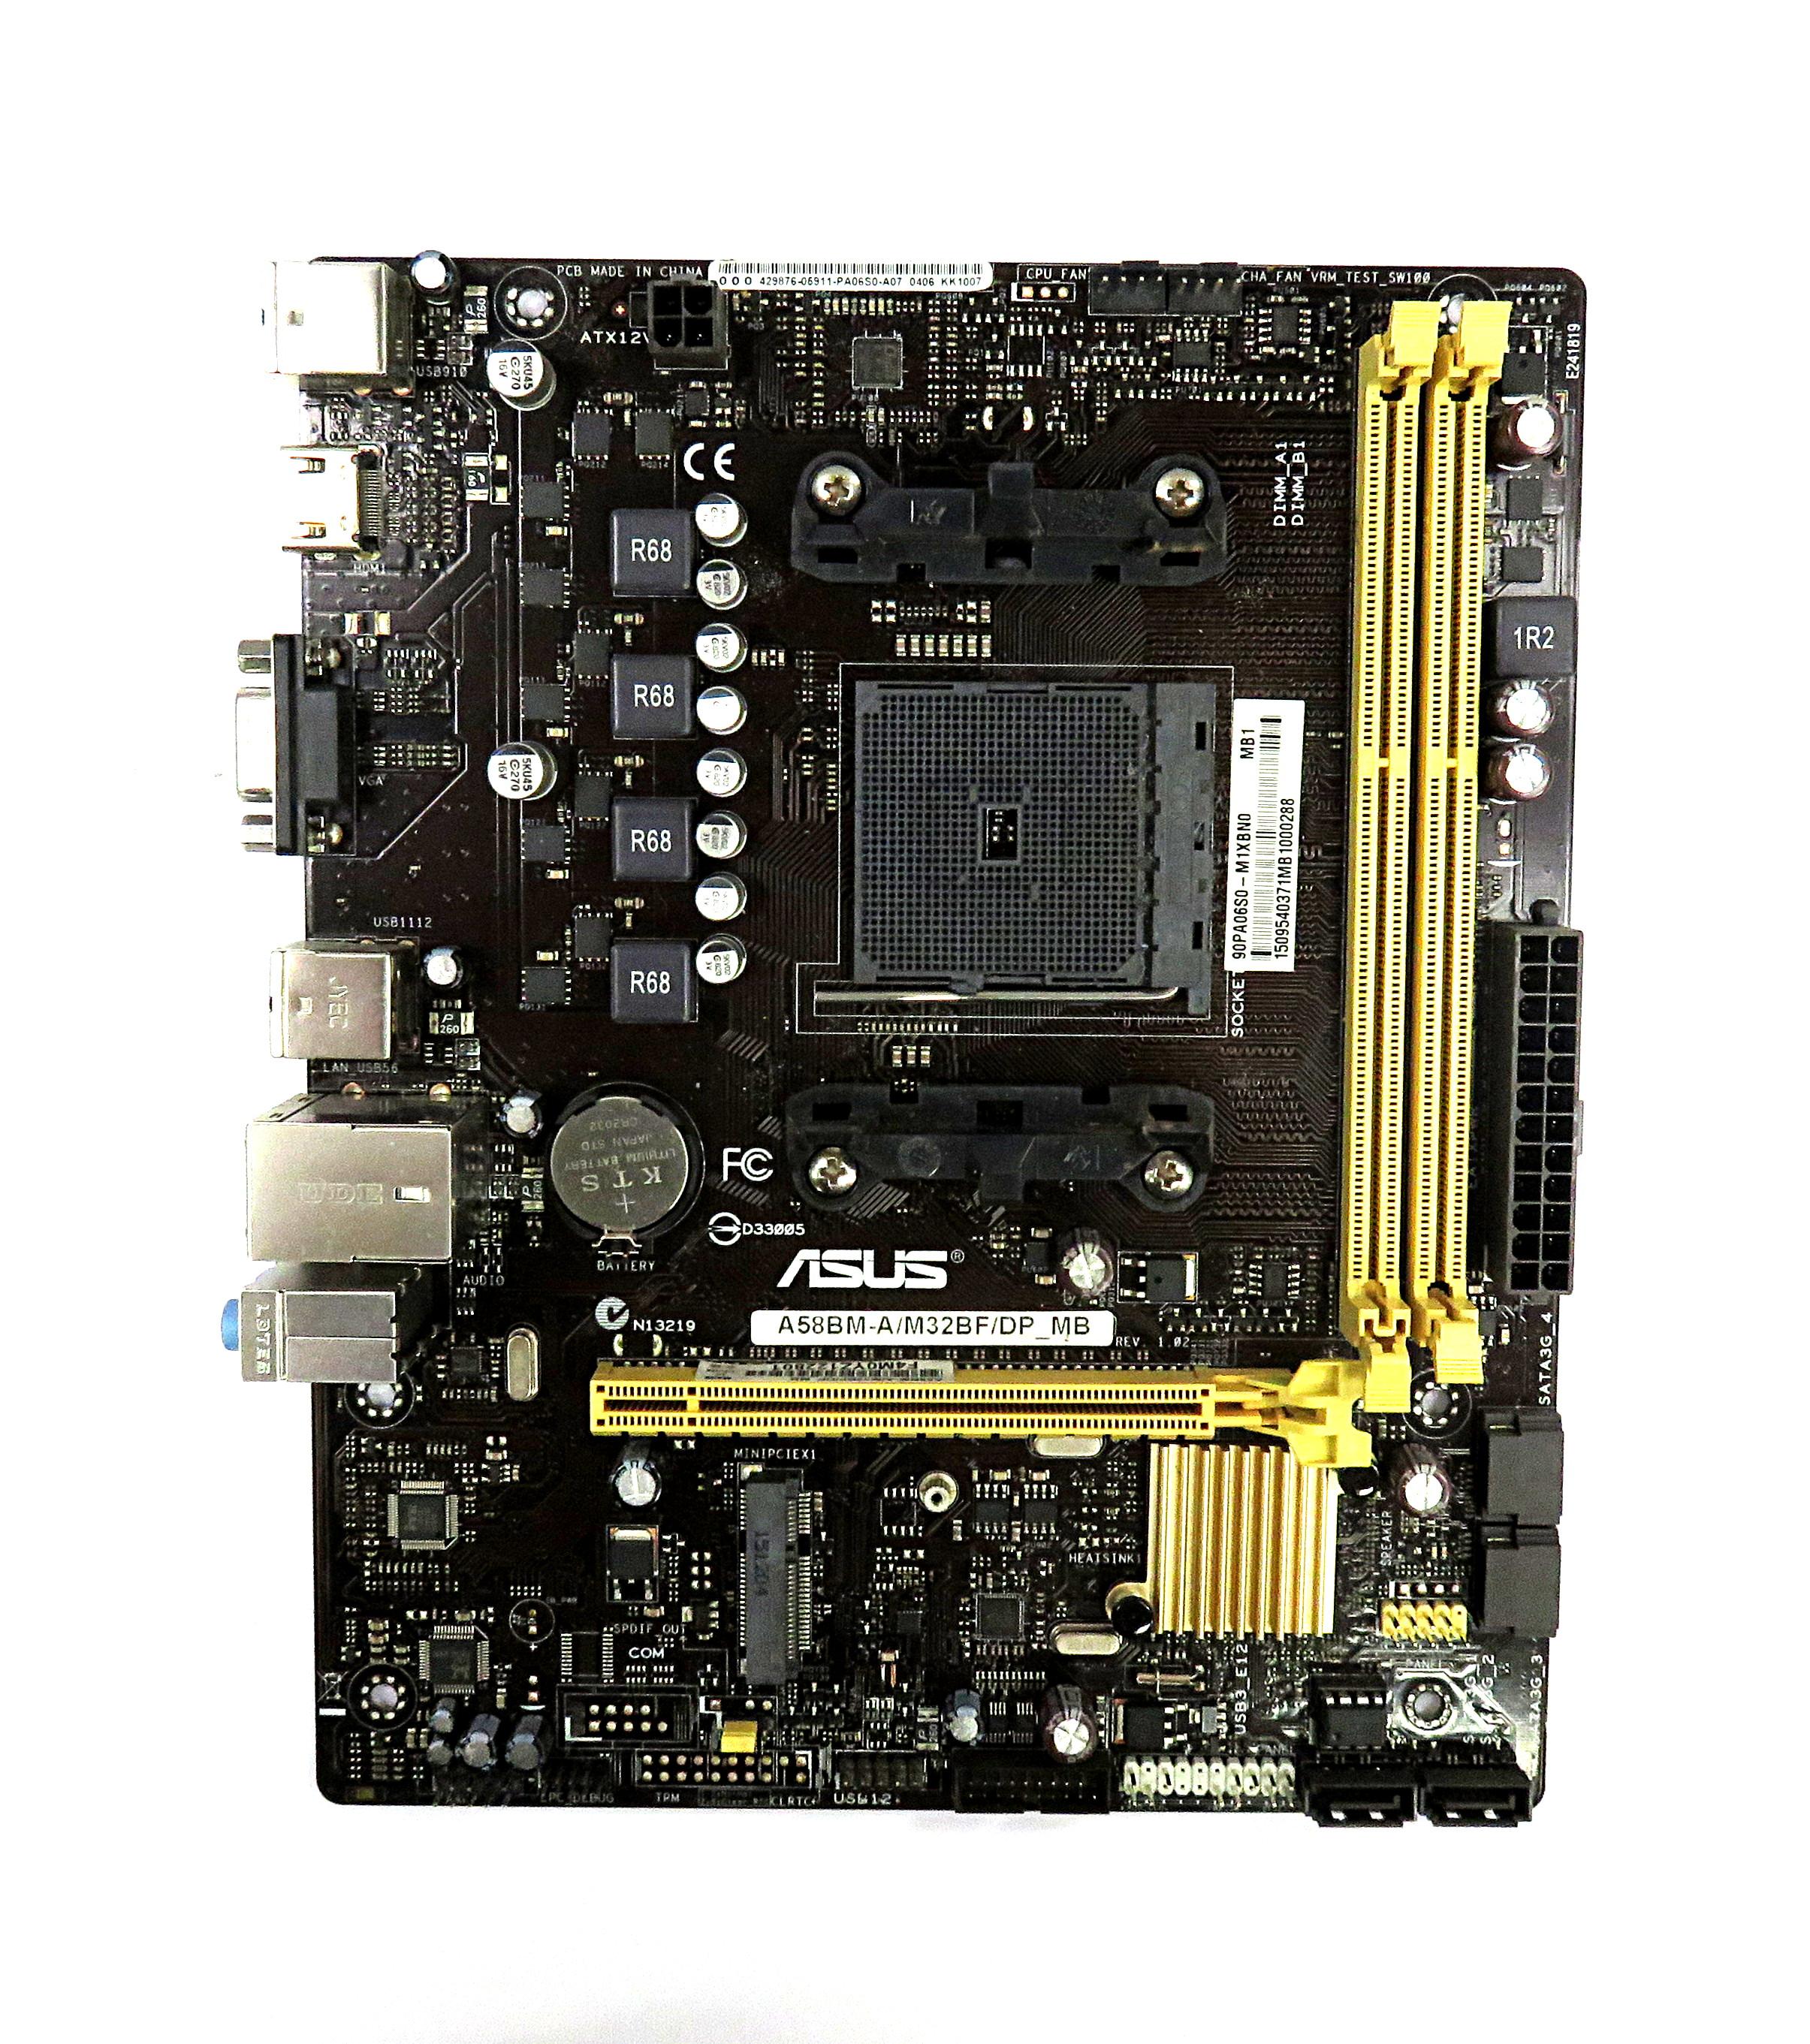 Asus A58BM-A/M32BF/DP_MB AMD Socket FM2b uATX Motherboard 90PA06S0-M1XBN0